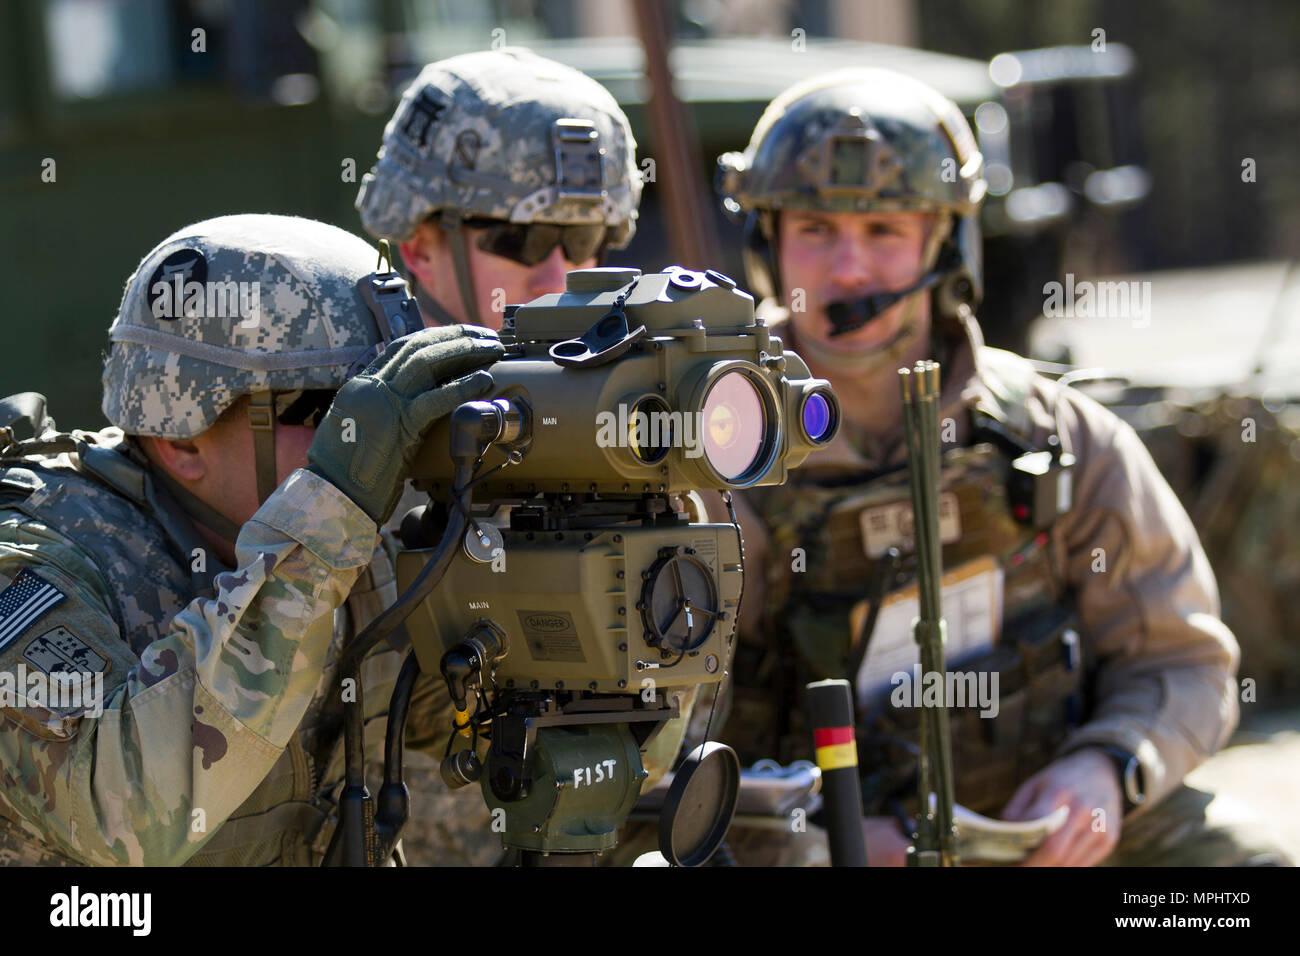 Laser Entfernungsmesser Militär : Entfernungsmesser us army rangefinder